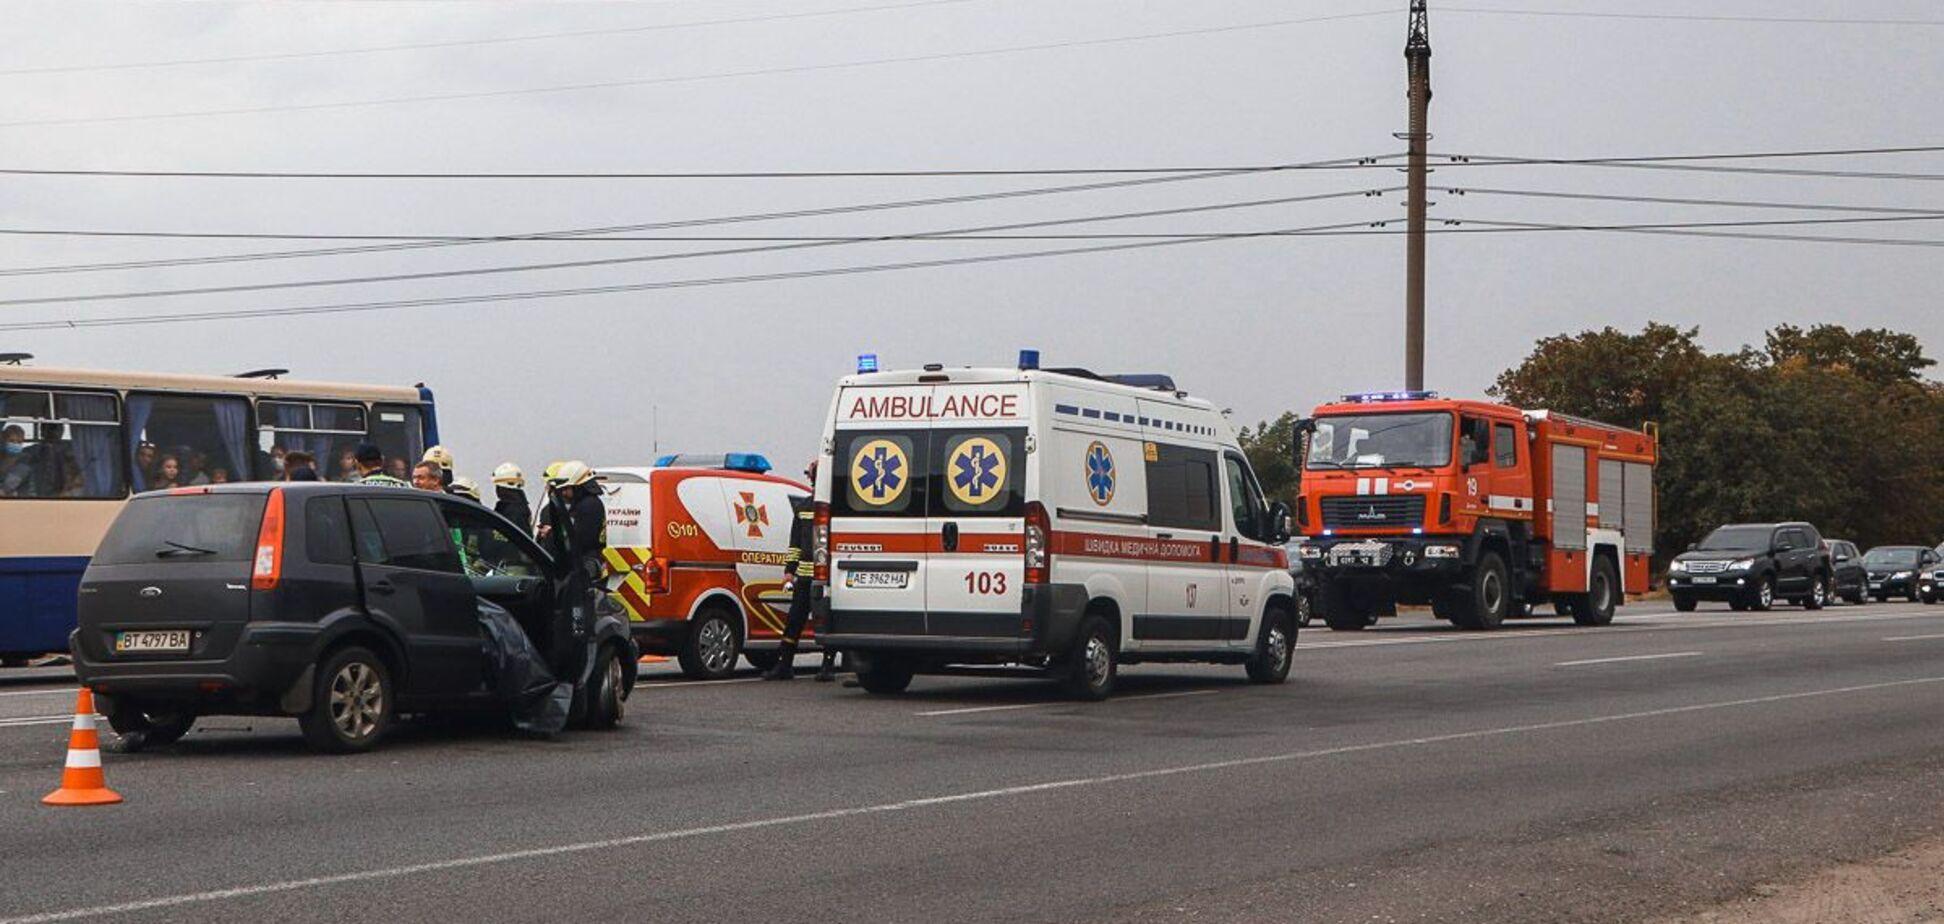 У Дніпрі в результаті зіткнення легковиків загинула жінка. Фото аварії